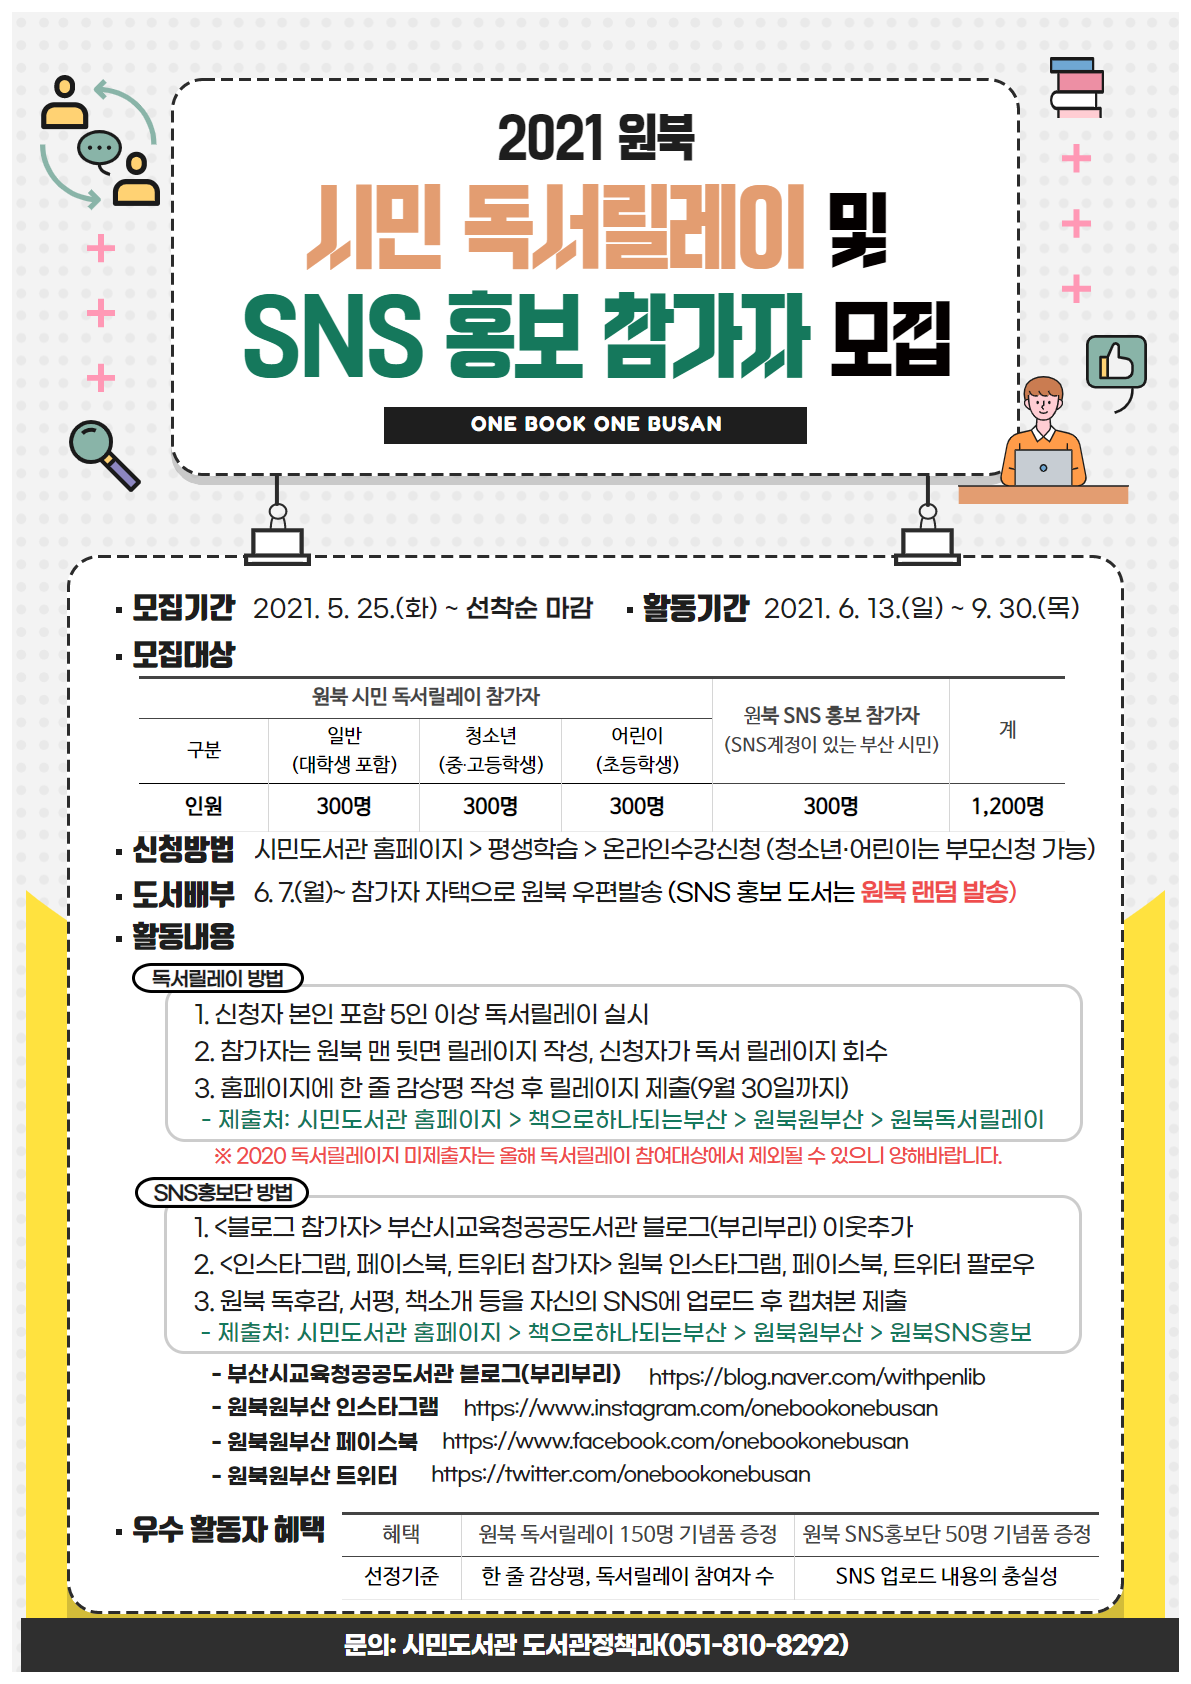 원북 시민 독서릴레이 및 SNS 홍보 참가자 모집 안내문.png